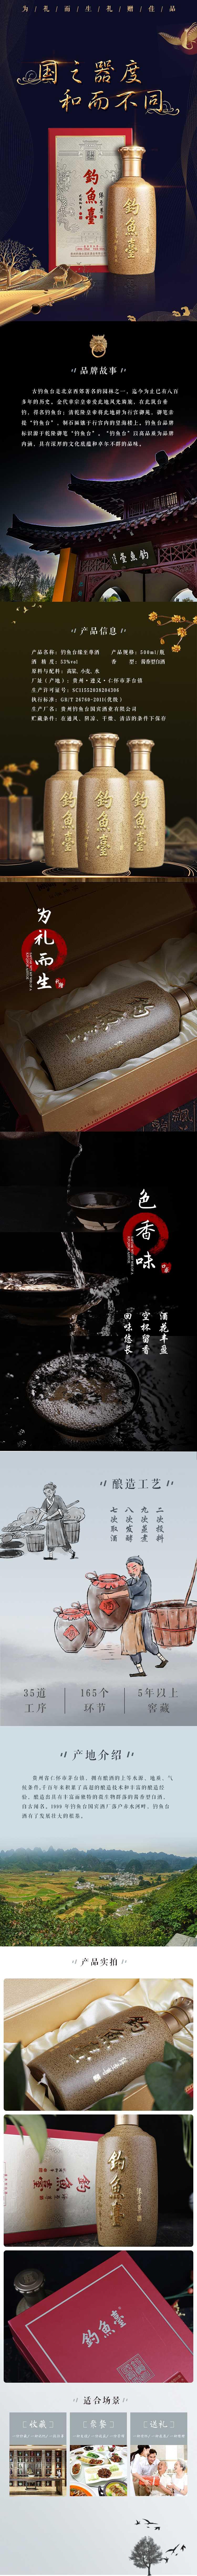 釣魚臺緣至尊-詳情頁